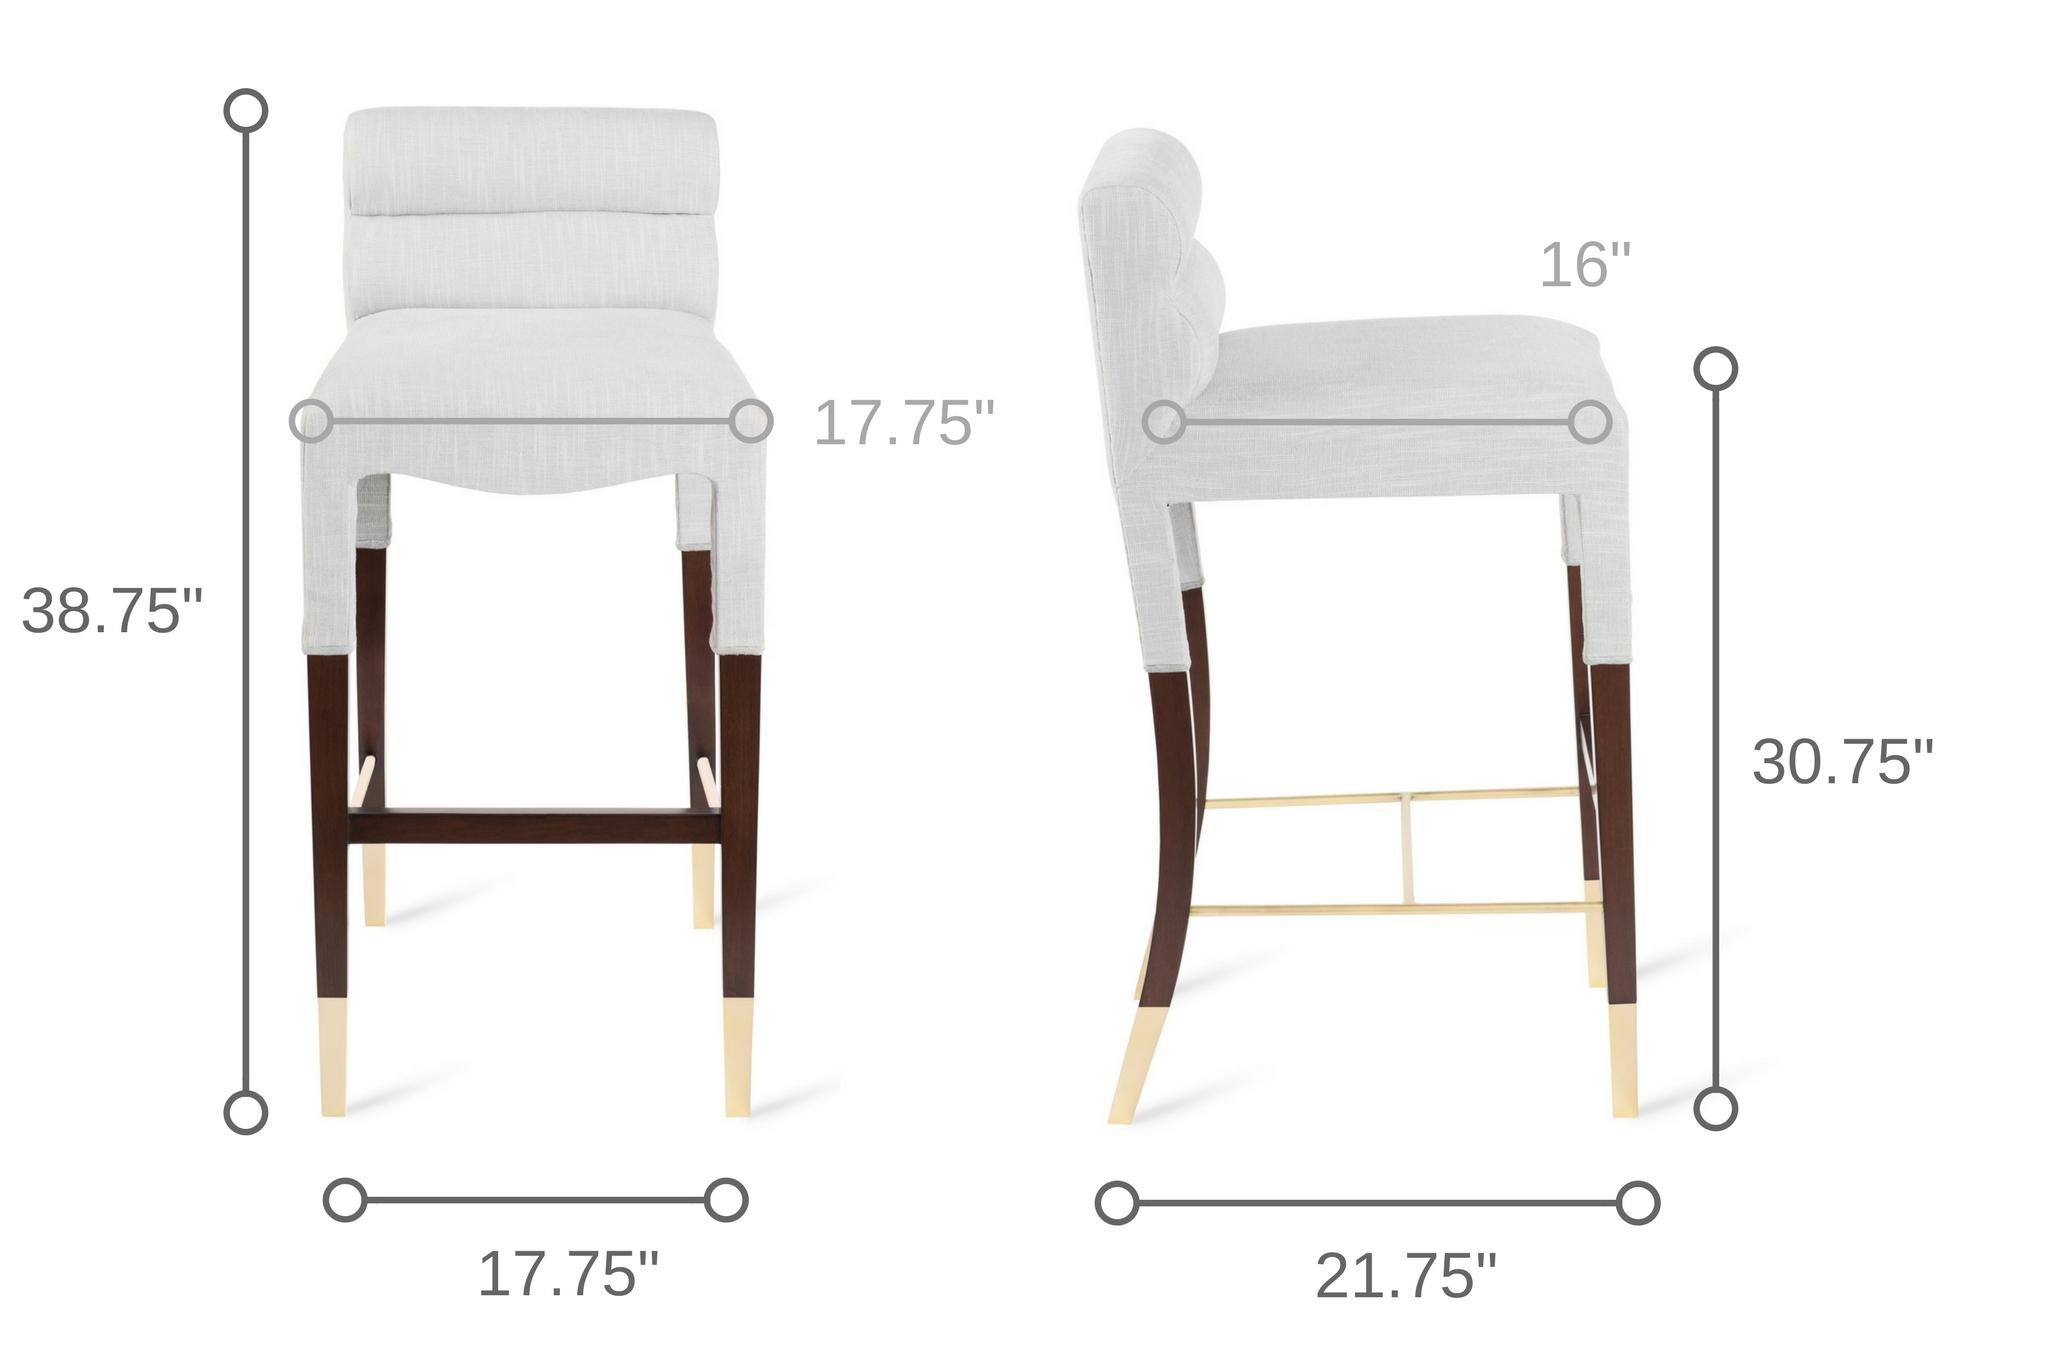 Dowel Furniture Gardner Bar Stool Dimensions